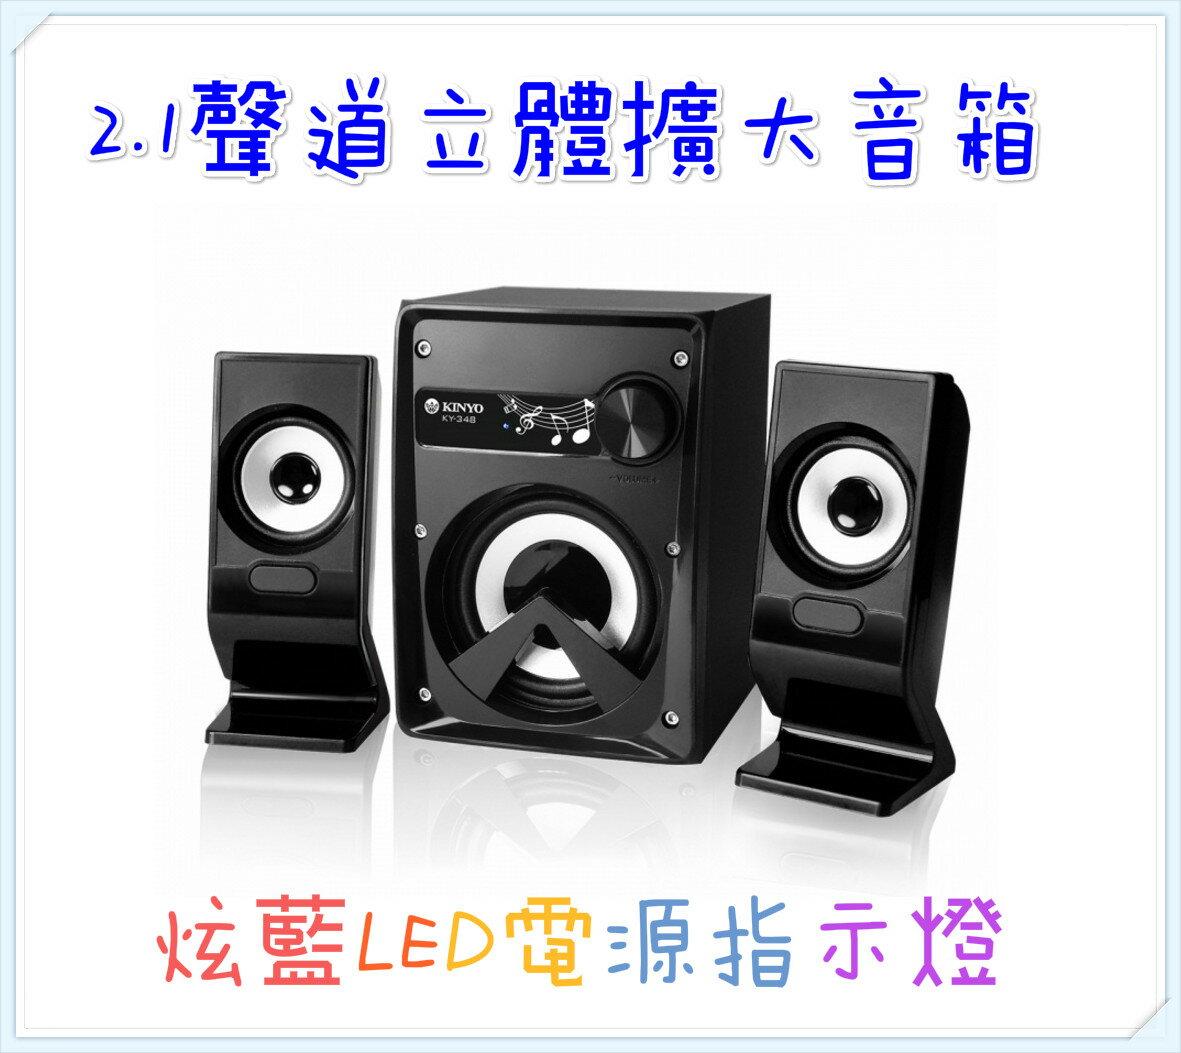 ❤含發票❤團購價❤【KINYO-2.1聲道立體擴大音箱】❤音響/喇叭/電腦/平板/筆電/手機/音樂/影片/影音❤